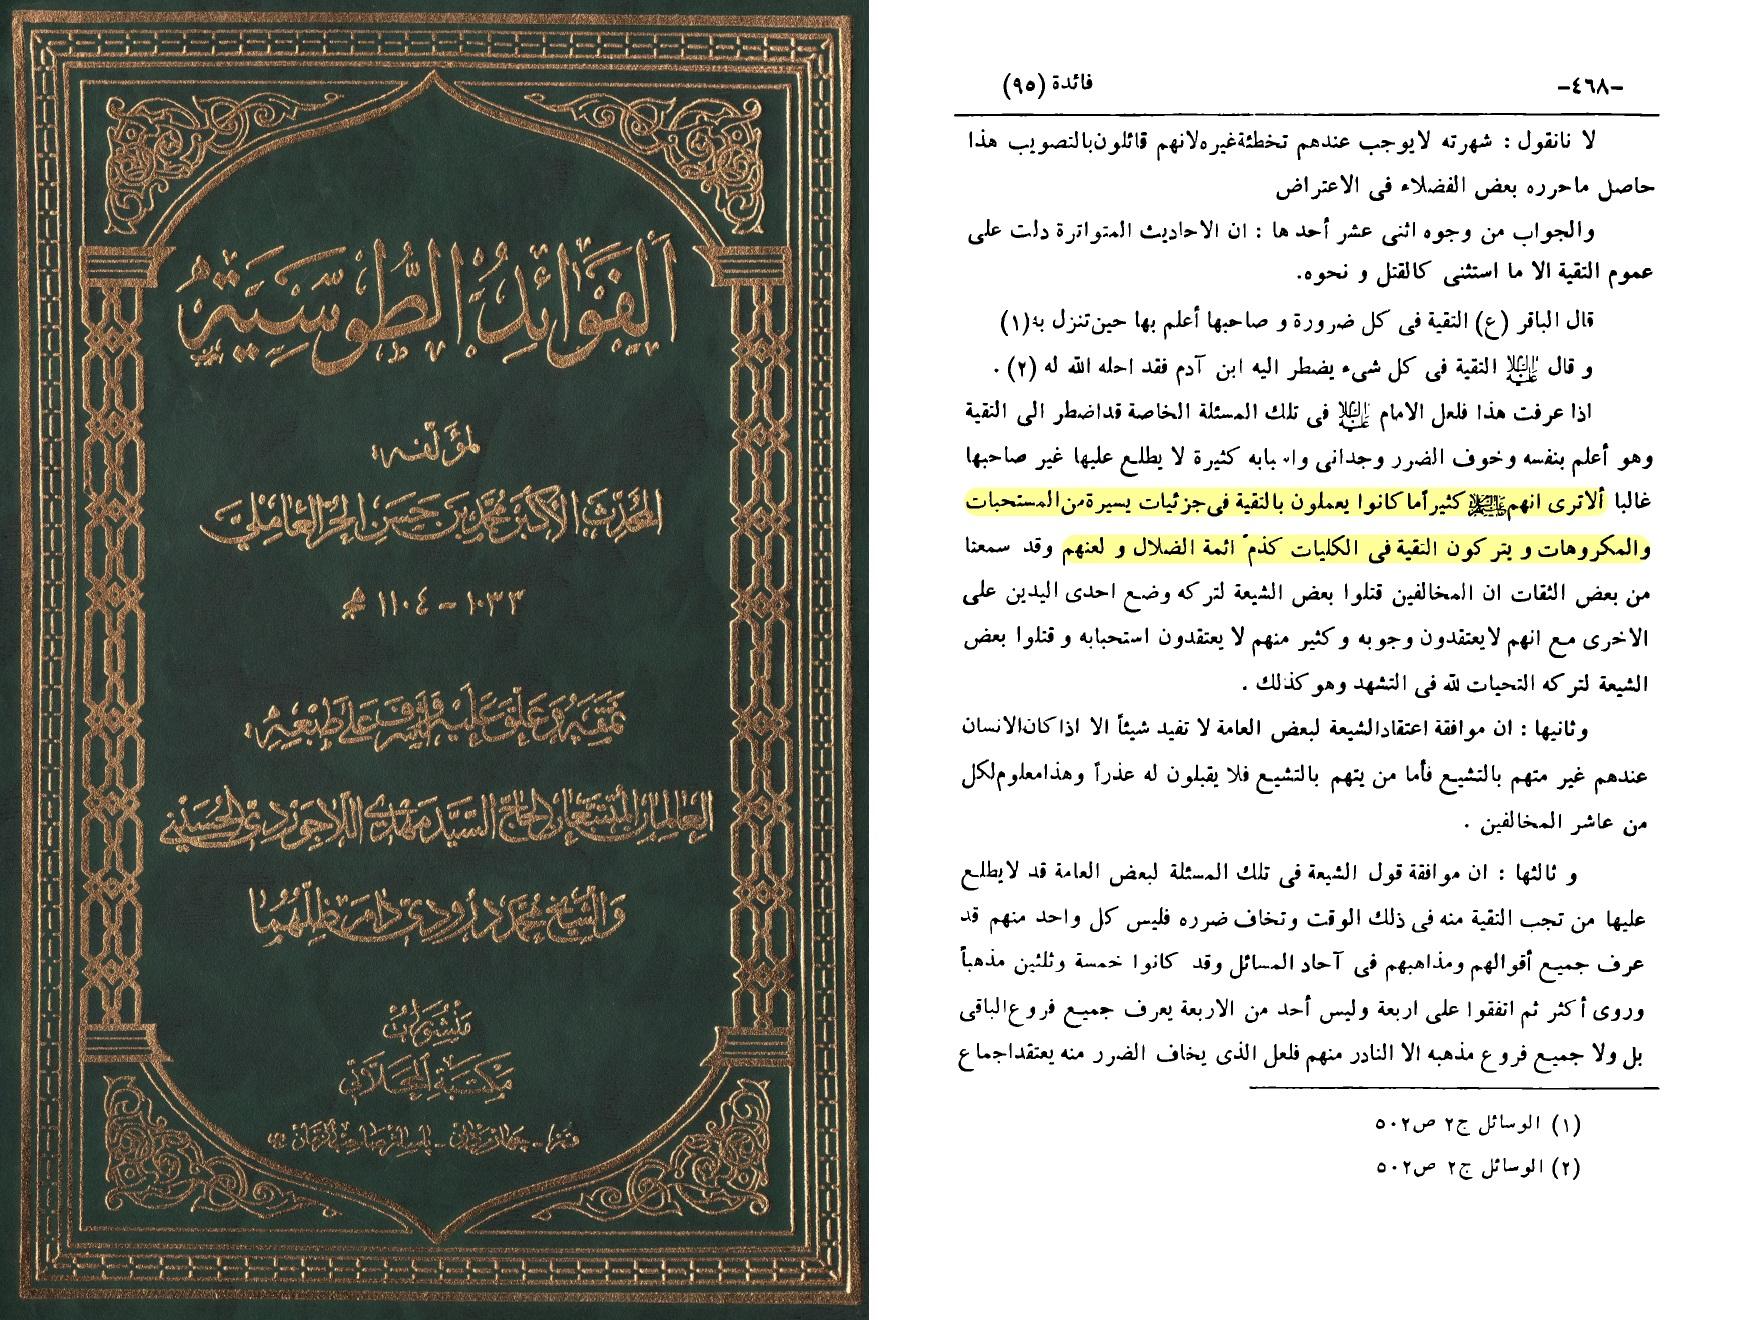 fawa2ede-3ameli-s-468